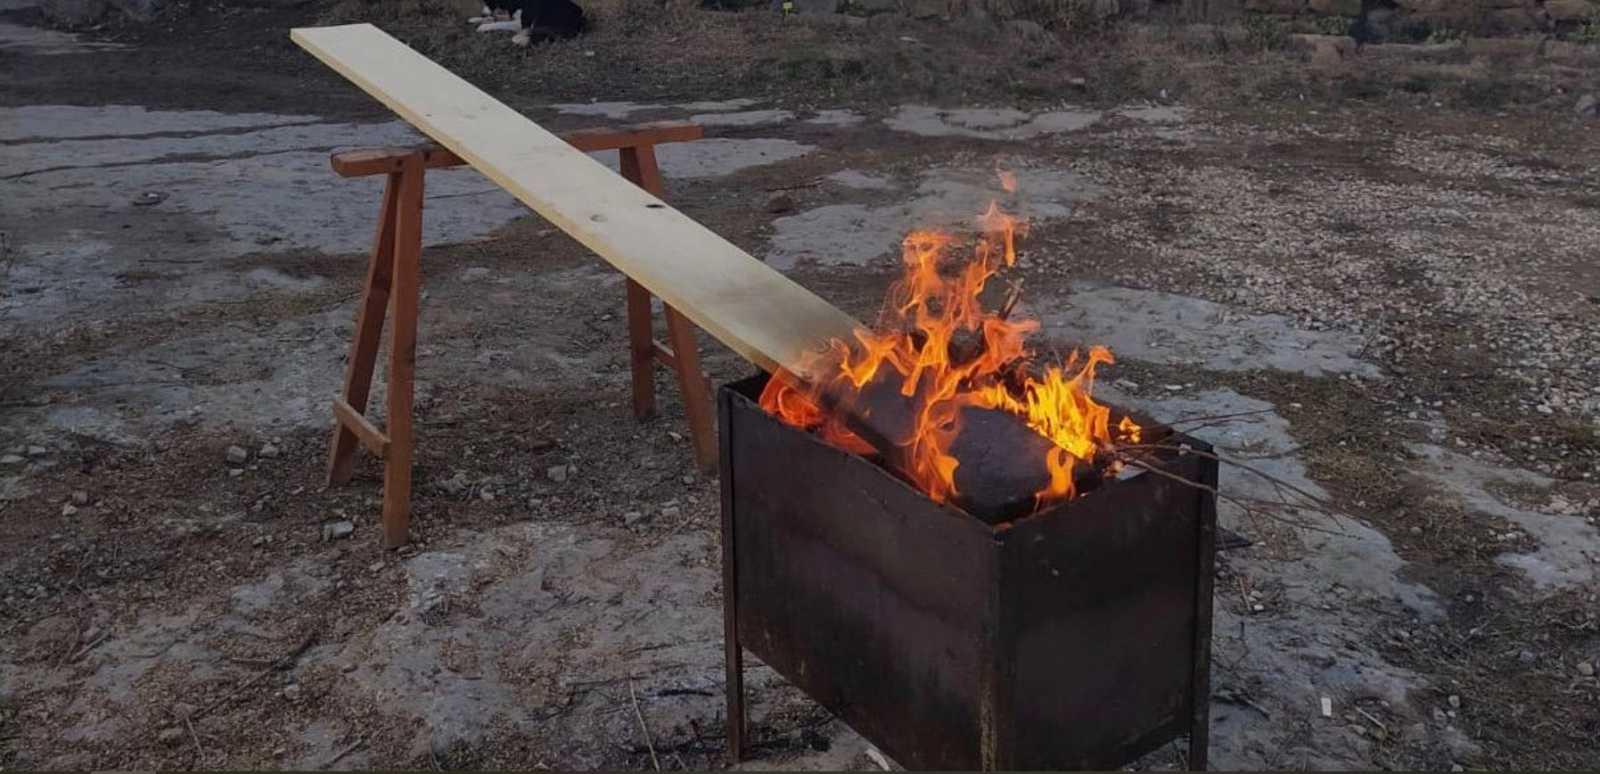 En Directe a Ràdio 4 - Protegir la fusta cremant-la